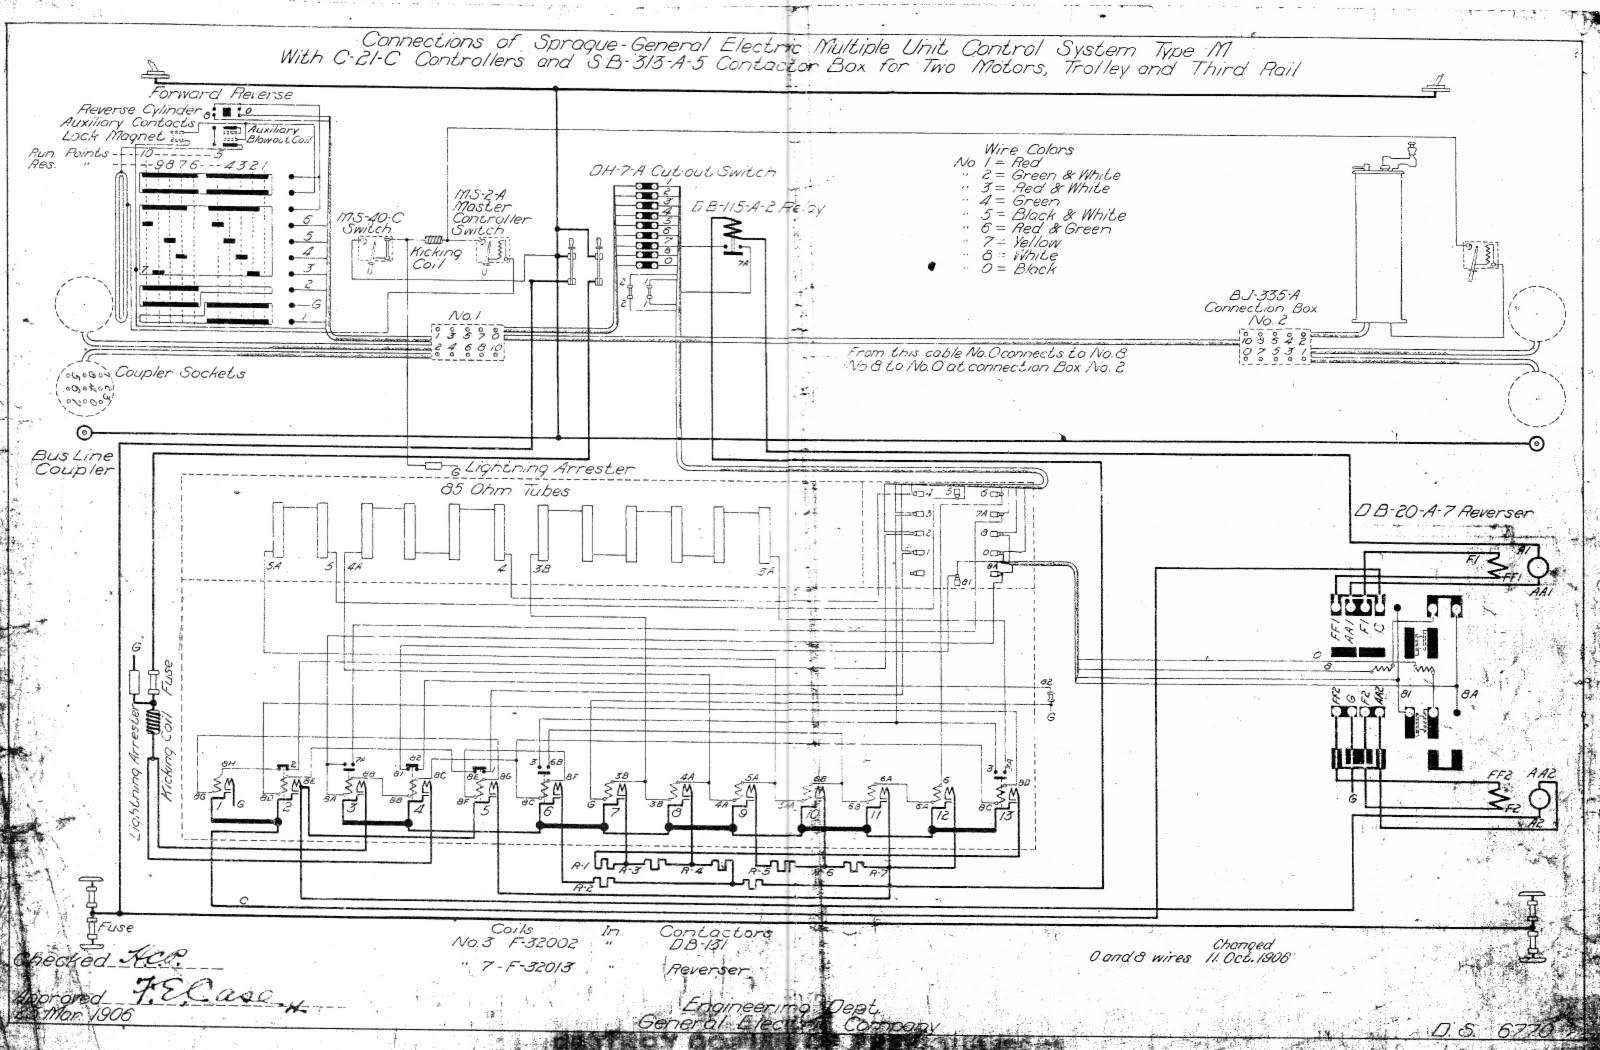 06 isuzu npr wiring diagram [ 1600 x 1050 Pixel ]